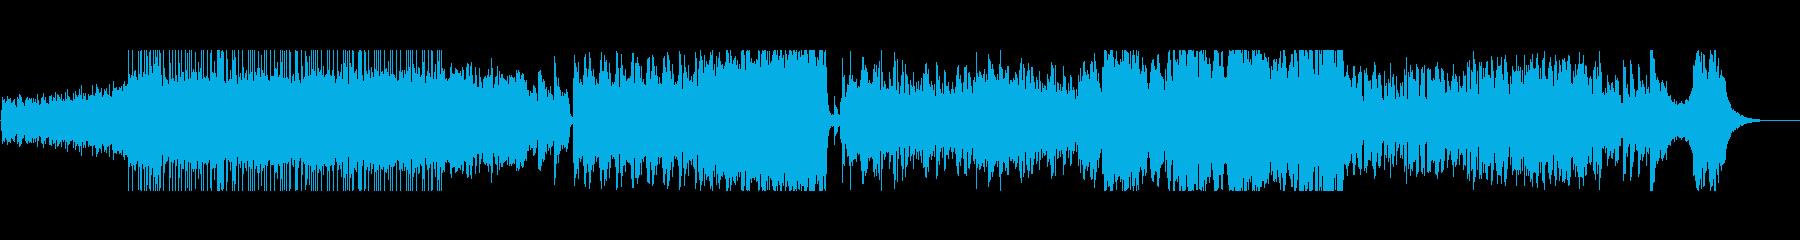 カオス・不安 十二音技法による混沌曲の再生済みの波形